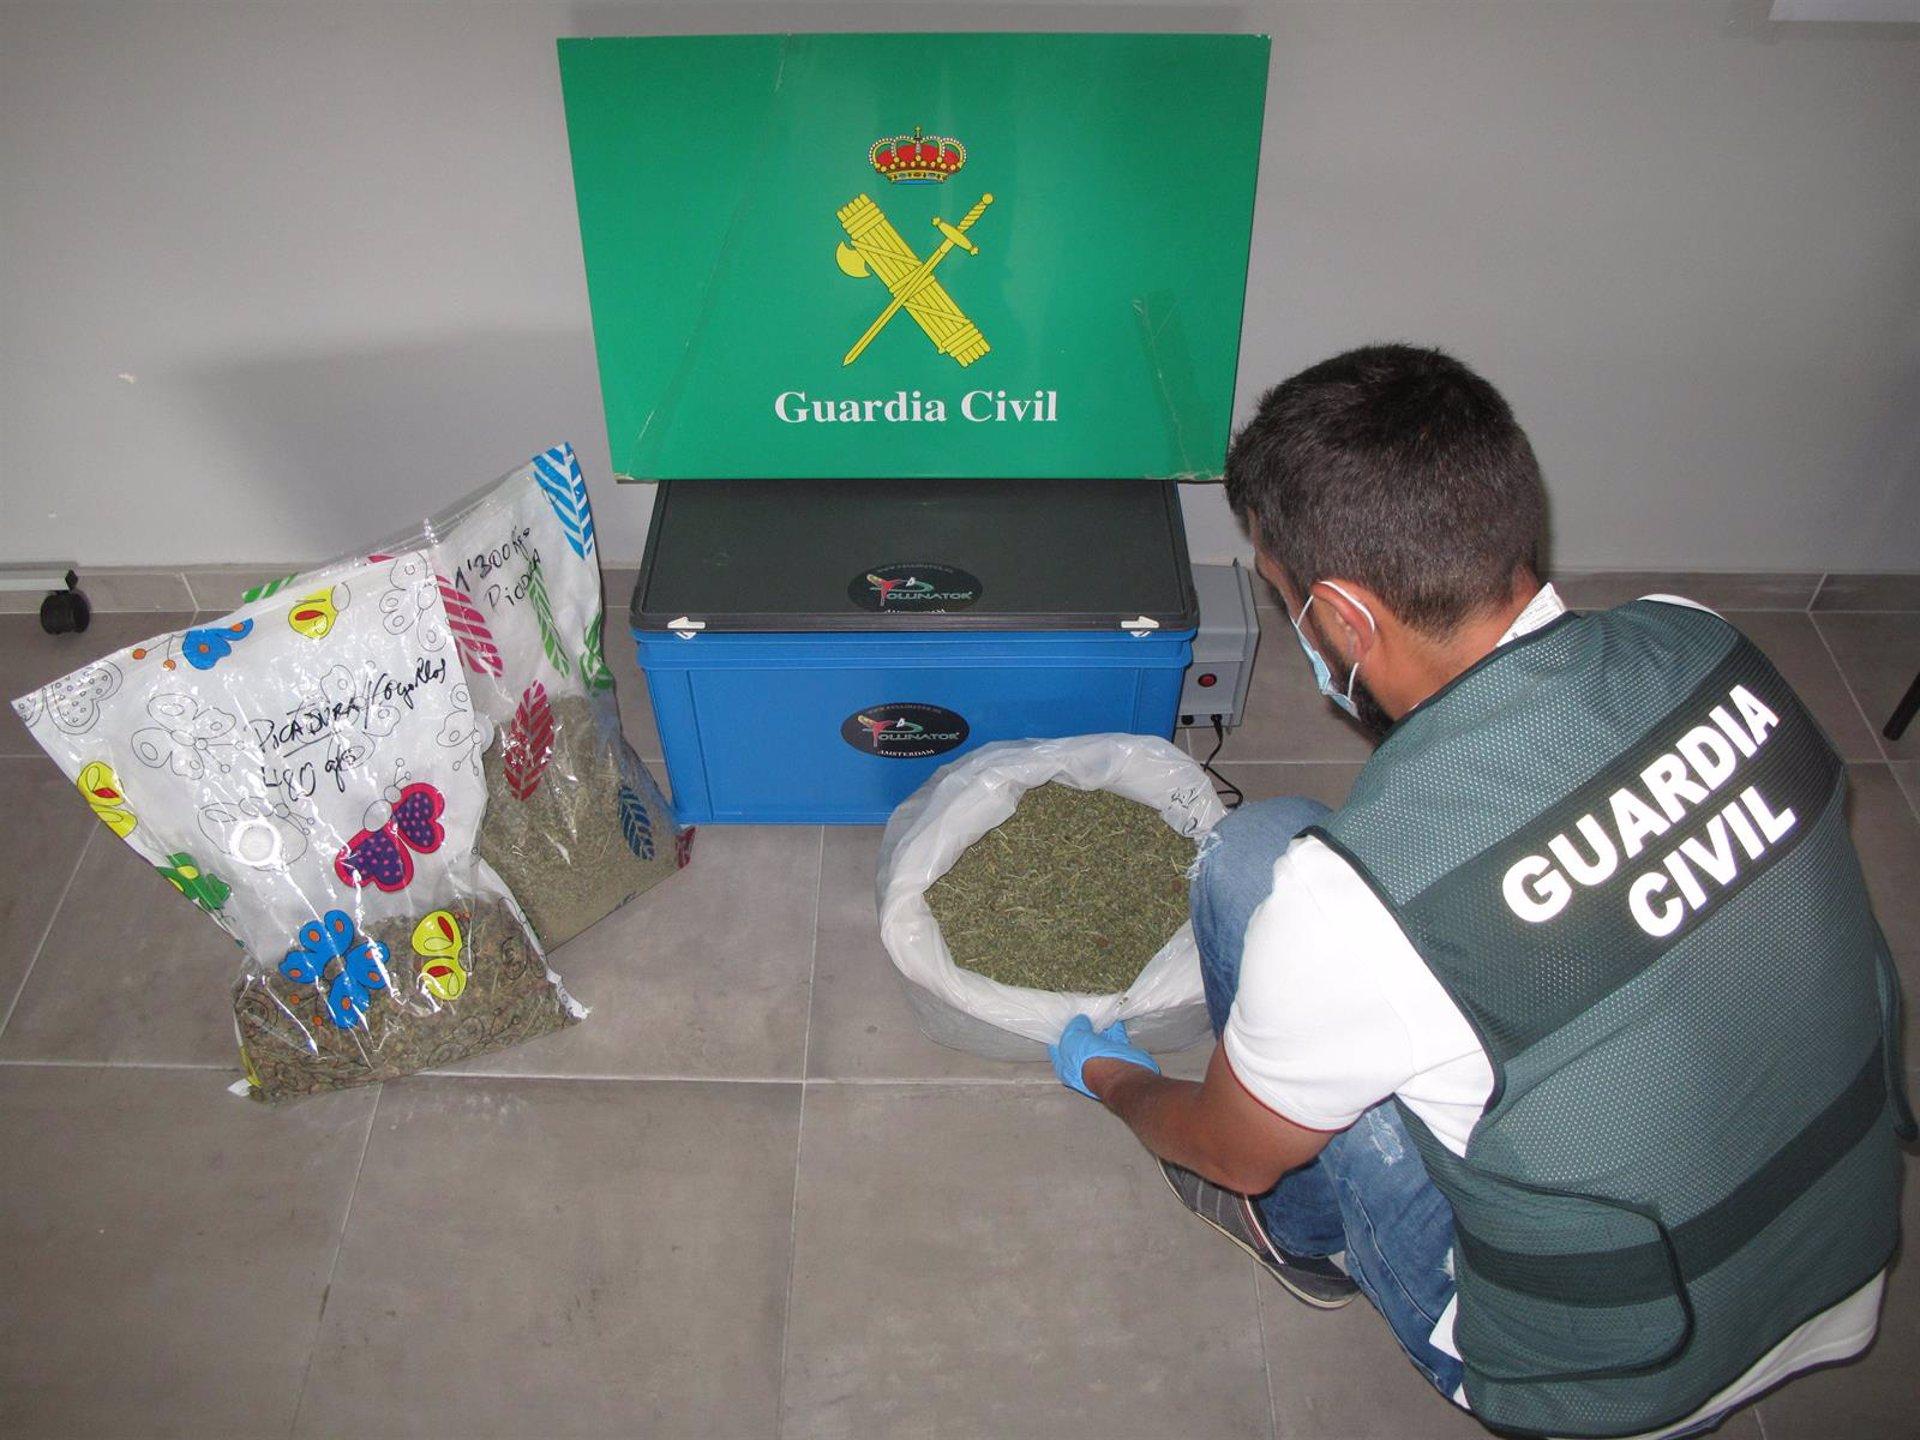 Intervenidos más de diez kilos de marihuana en dos operaciones en Atarfe e Híjar